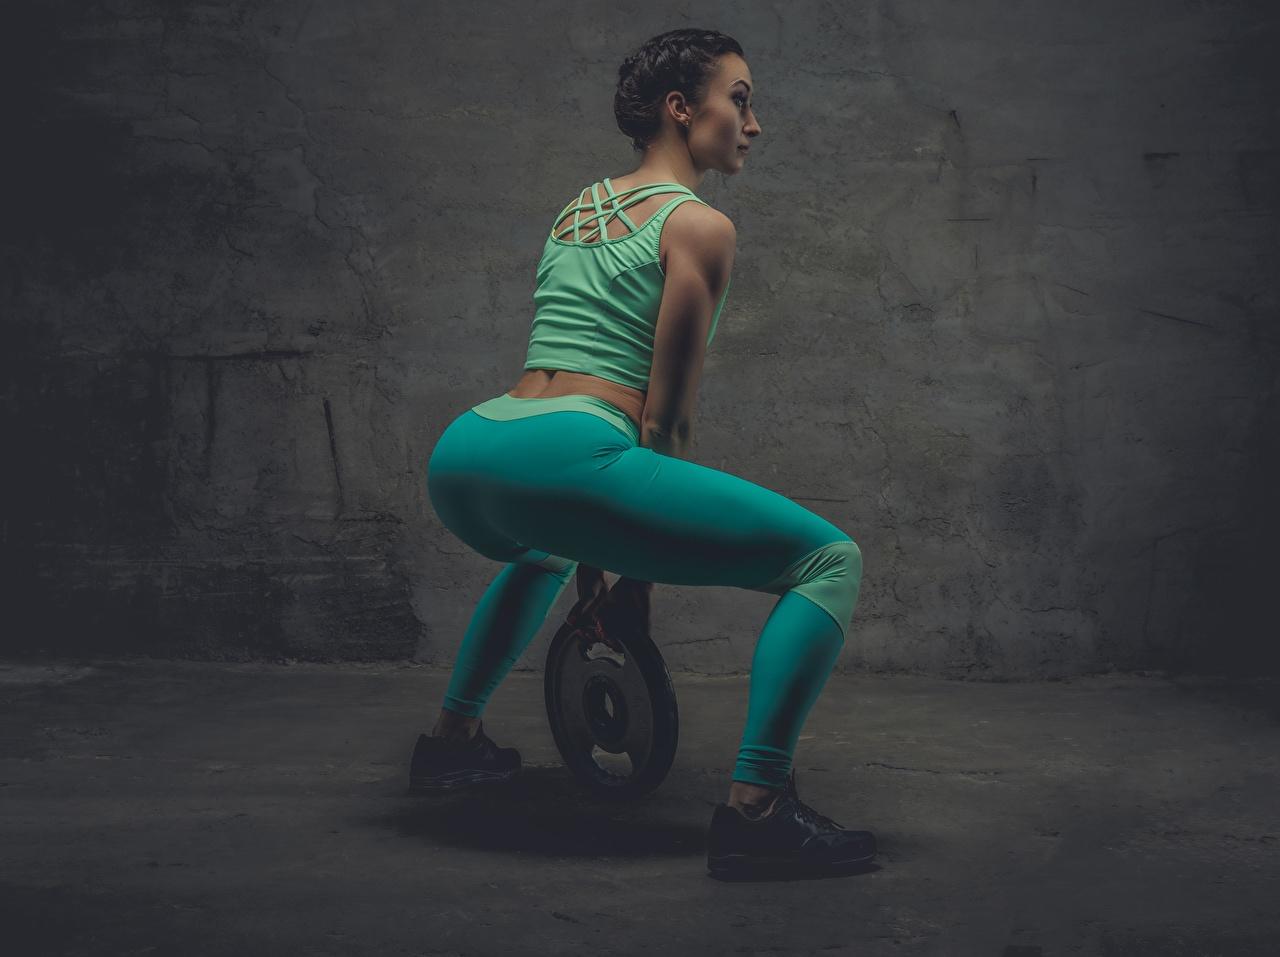 Обои для рабочего стола Попа Шатенка физическое упражнение Спина Фитнес Девушки Кроссовки Ноги Униформа ягодицы шатенки Тренировка тренируется спины девушка кроссовках молодая женщина молодые женщины ног униформе